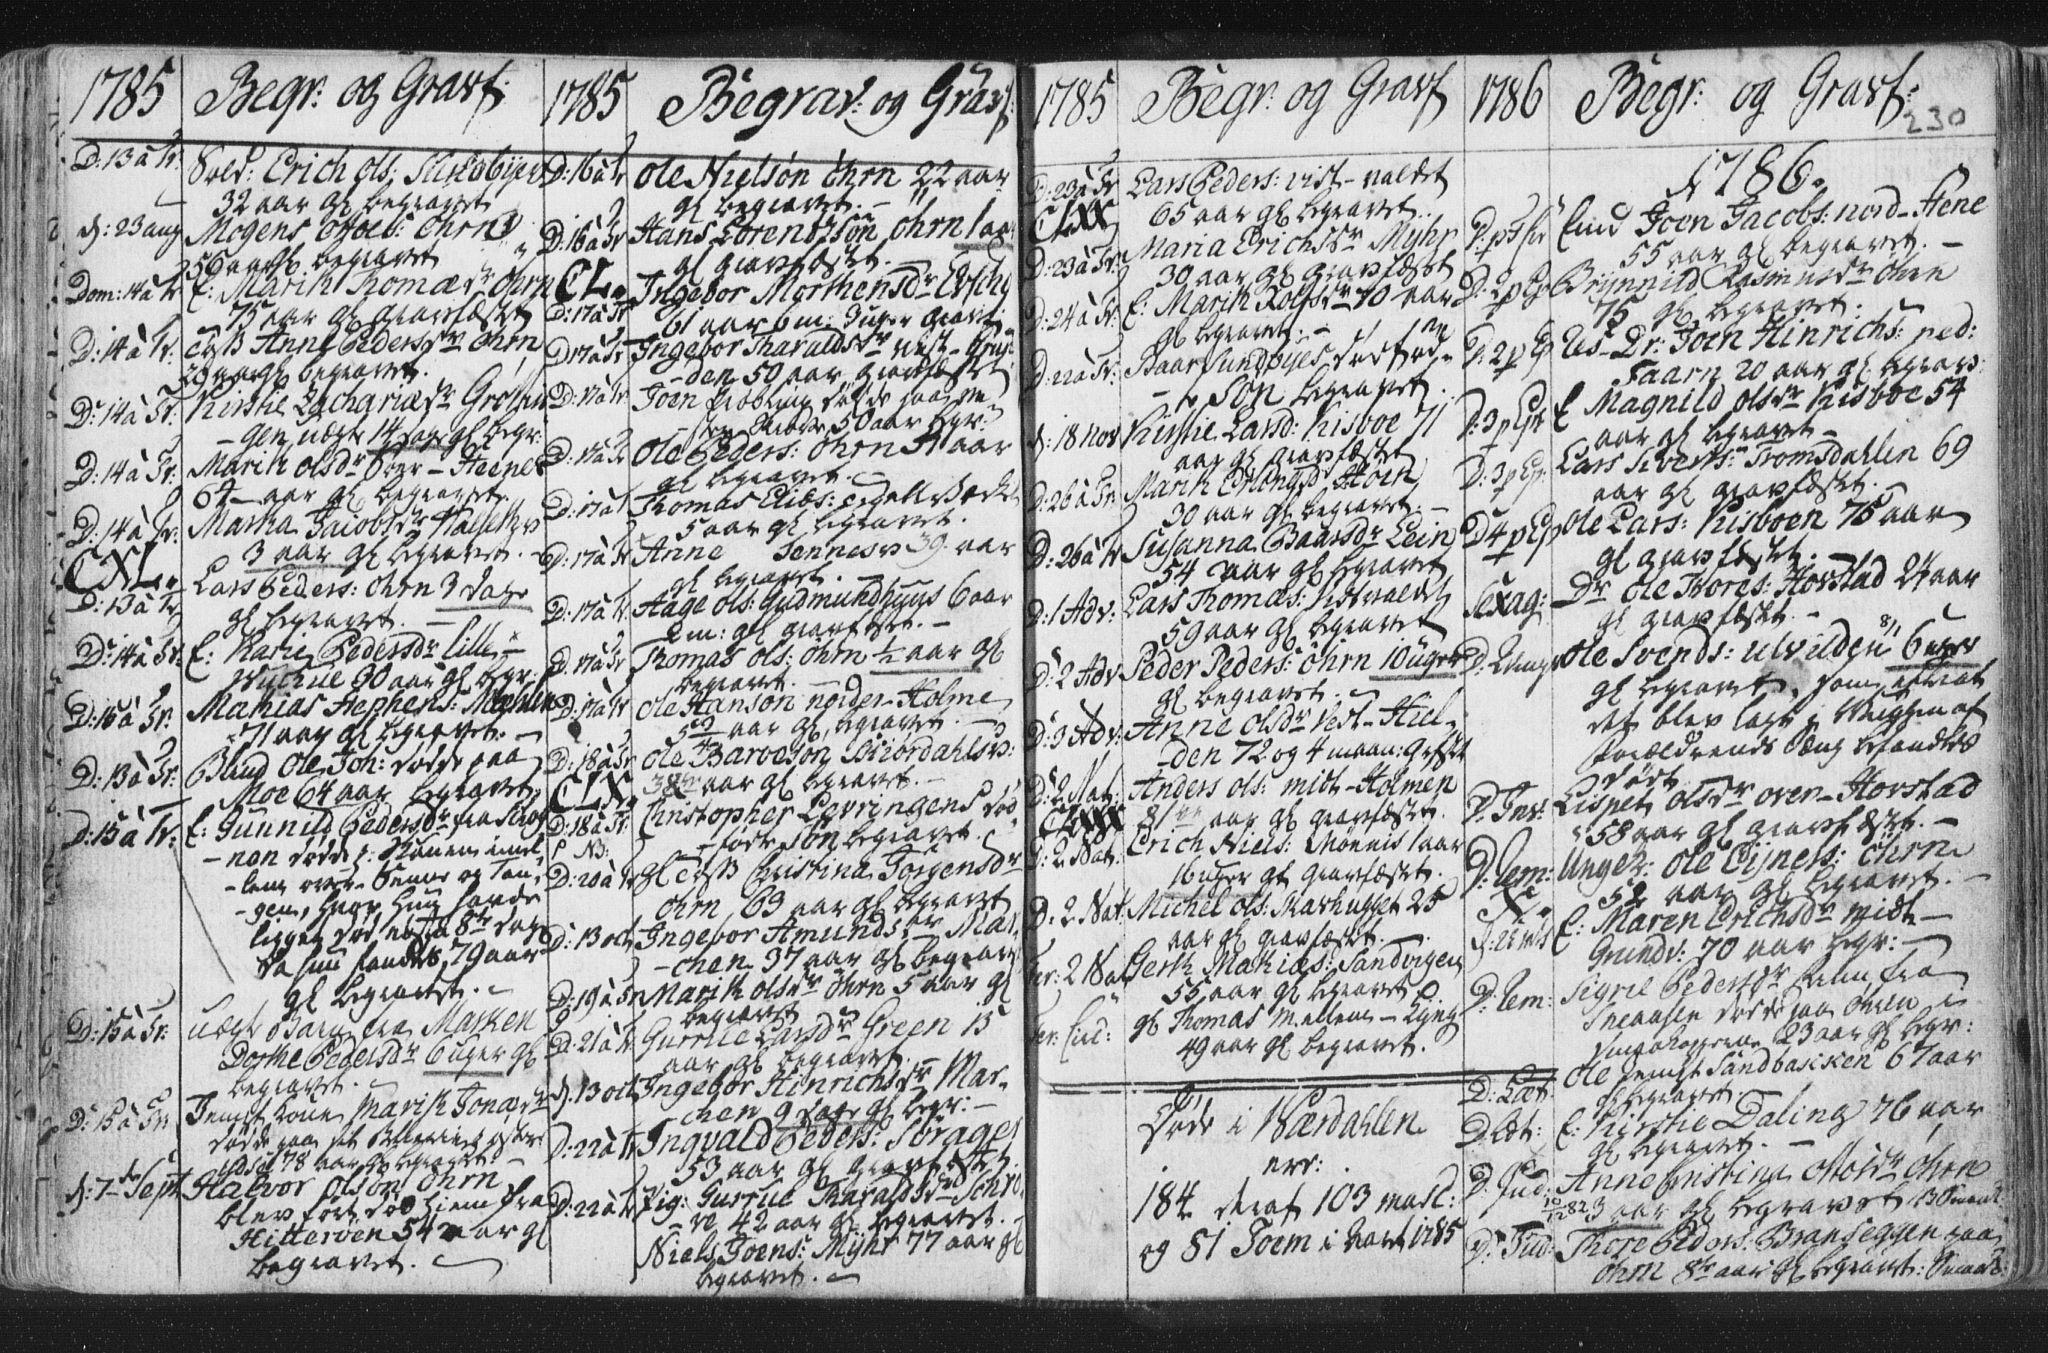 SAT, Ministerialprotokoller, klokkerbøker og fødselsregistre - Nord-Trøndelag, 723/L0232: Ministerialbok nr. 723A03, 1781-1804, s. 230